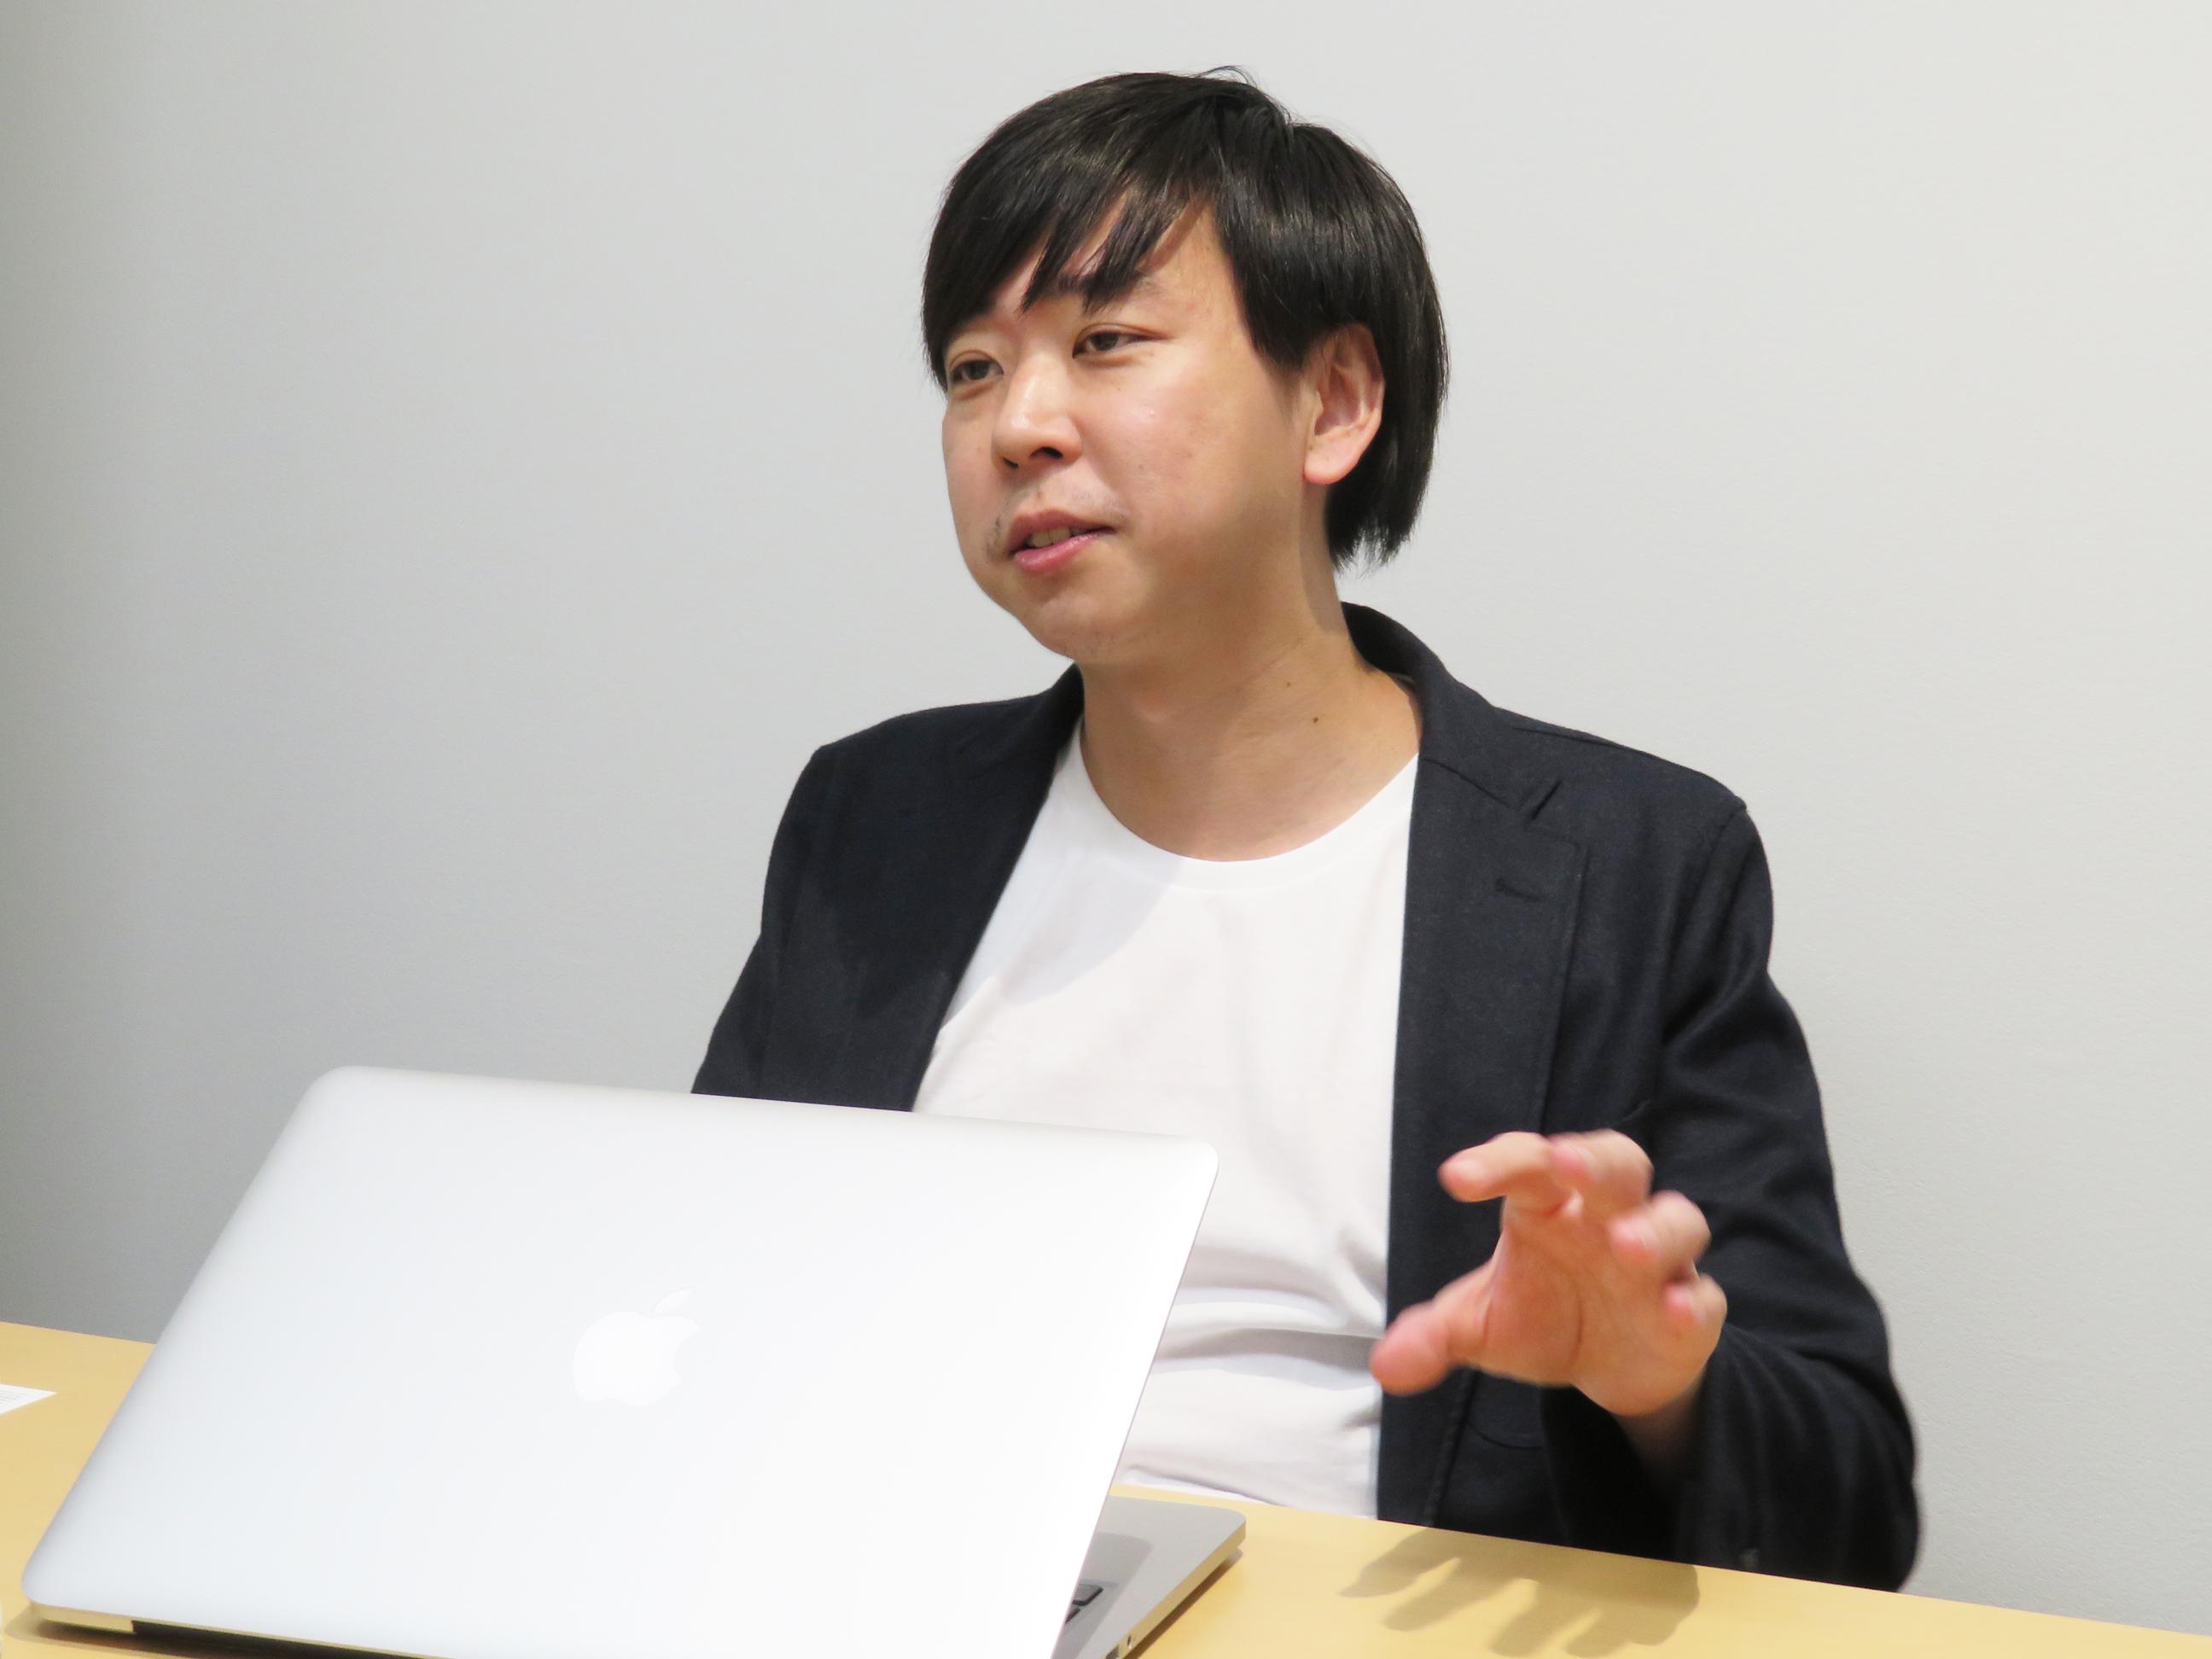 鈴木 仁士(すずき さとし)